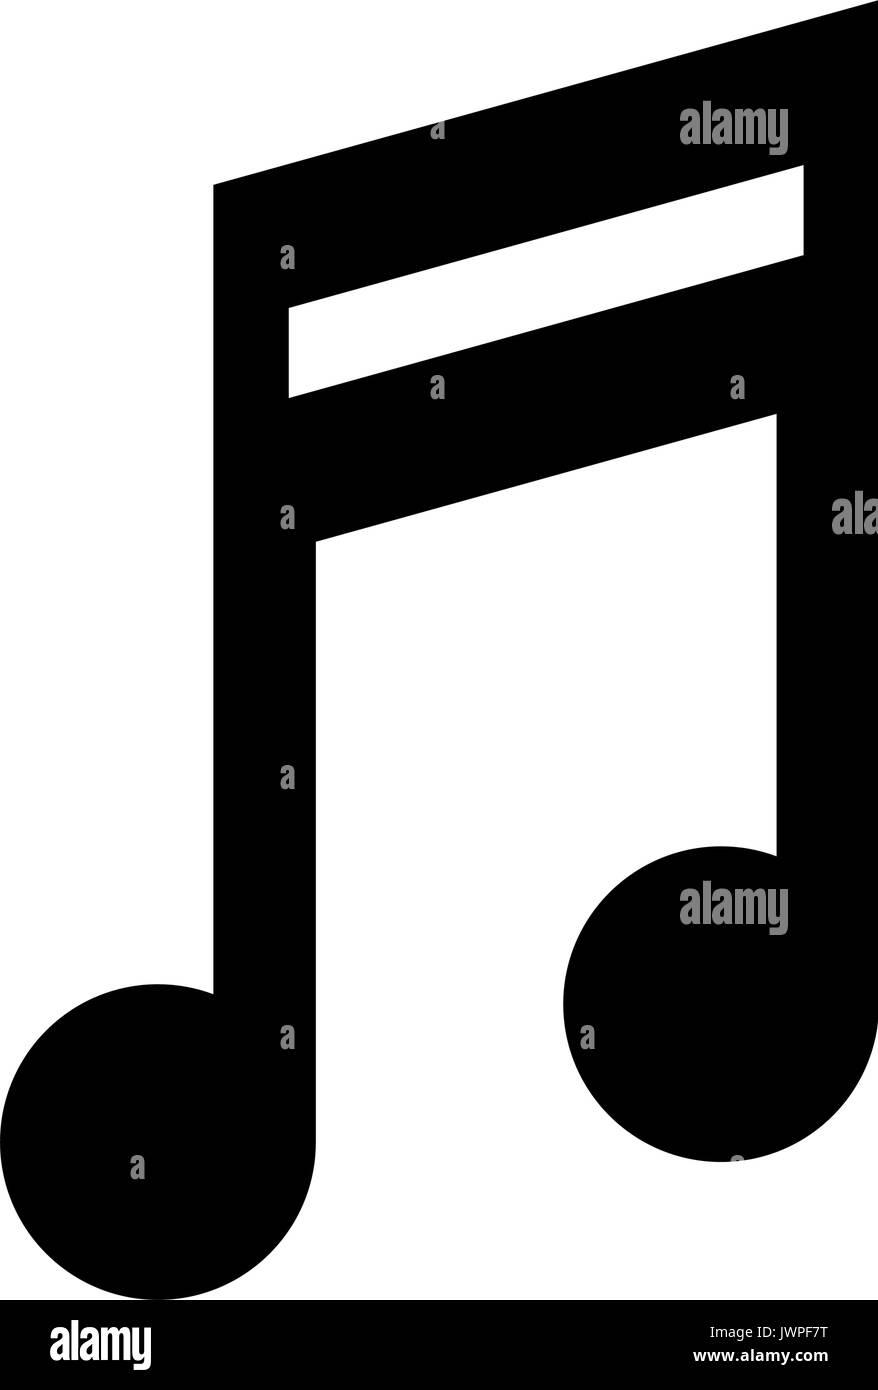 Foto Nota Musical ~ Imagen del icono de nota musical quaver Ilustración del Vector, Imagen 153544268 Alamy